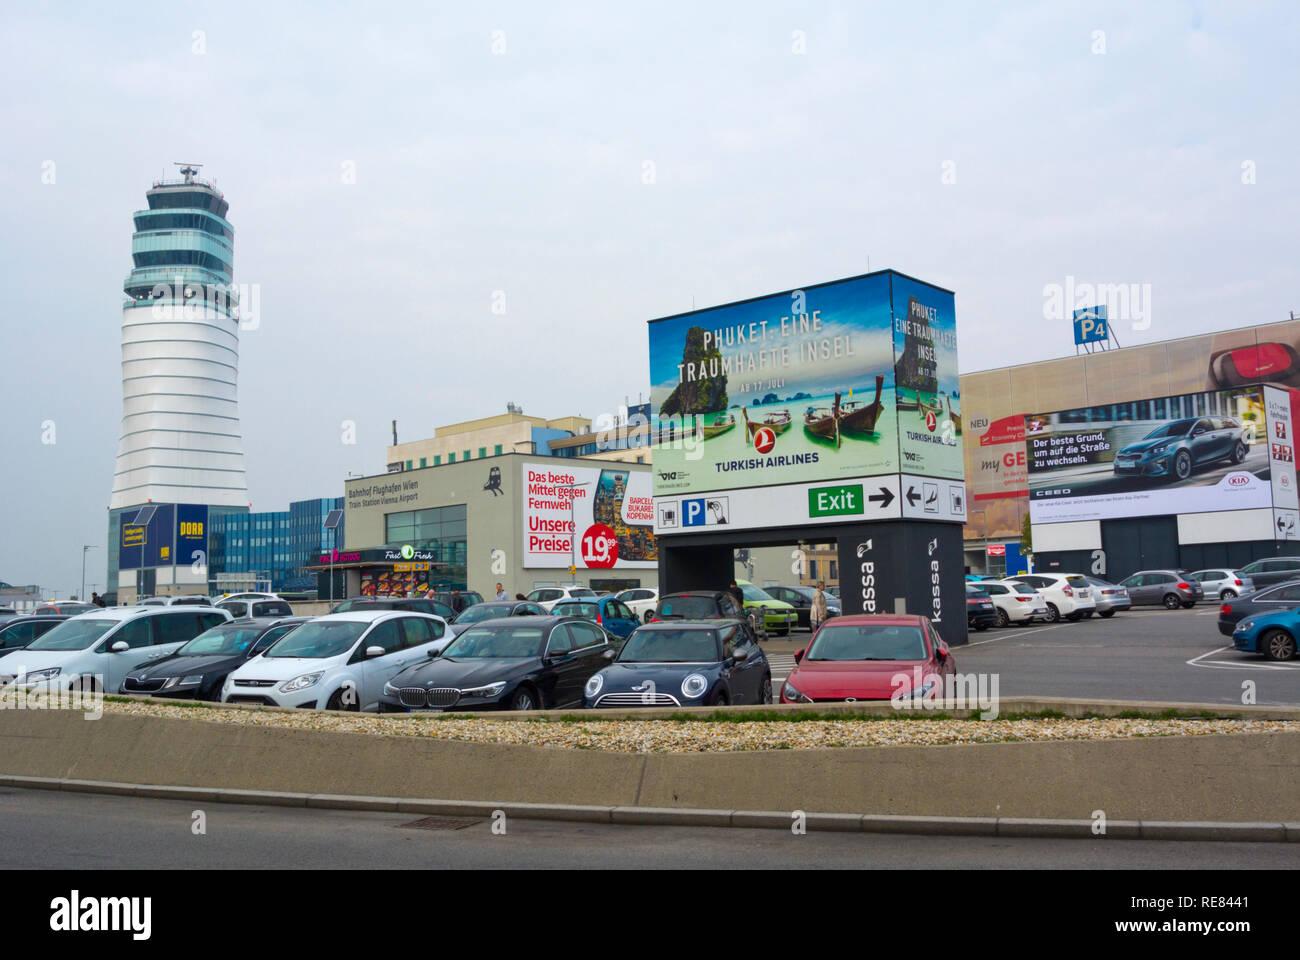 Parking lot and air control tower, Schwechat, Flughafen Wien, Vienna International airport, Vienna, Austria - Stock Image